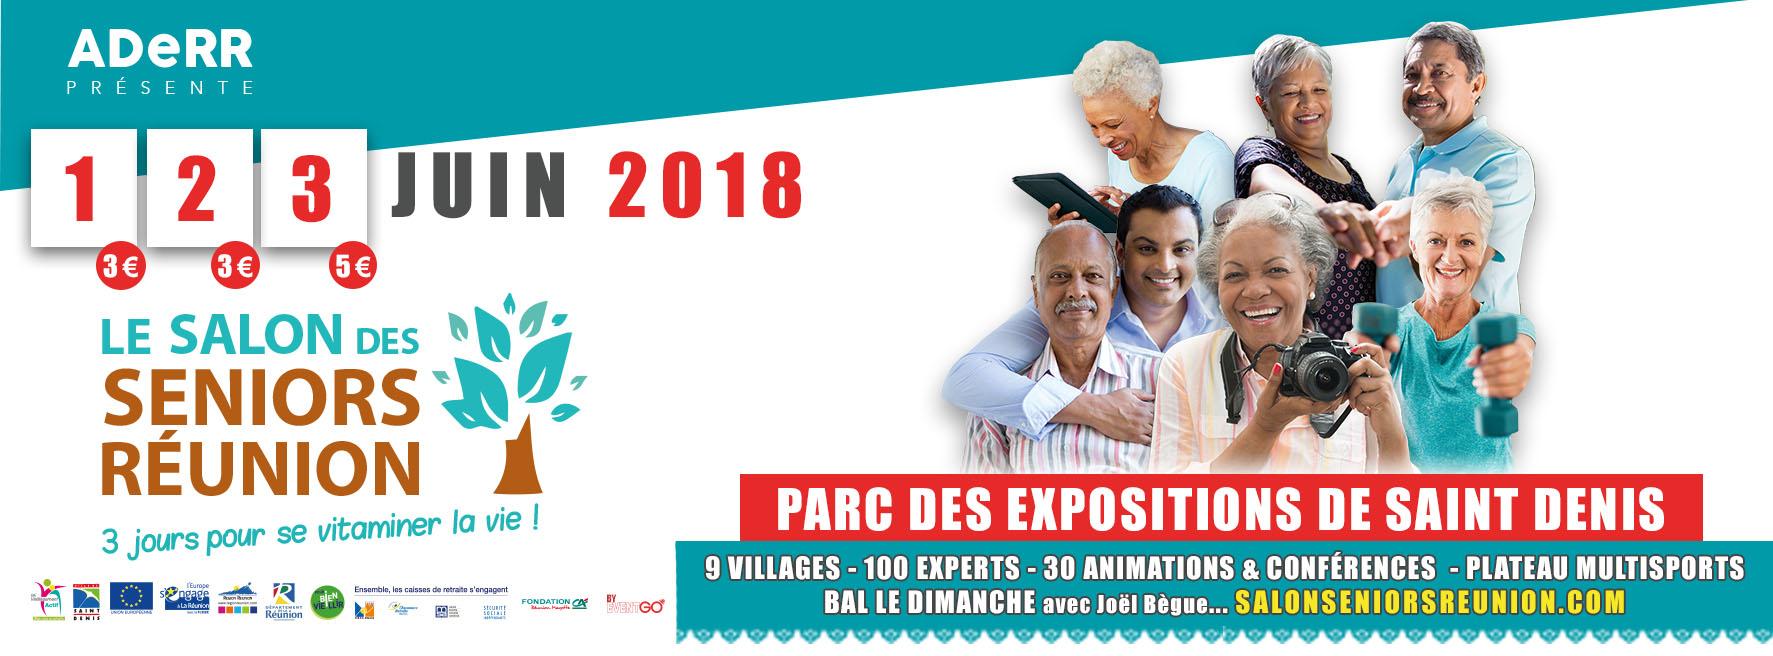 Salon des seniors 2018 du 1 au 3 juin habiter la r union for Salon des seniors paris